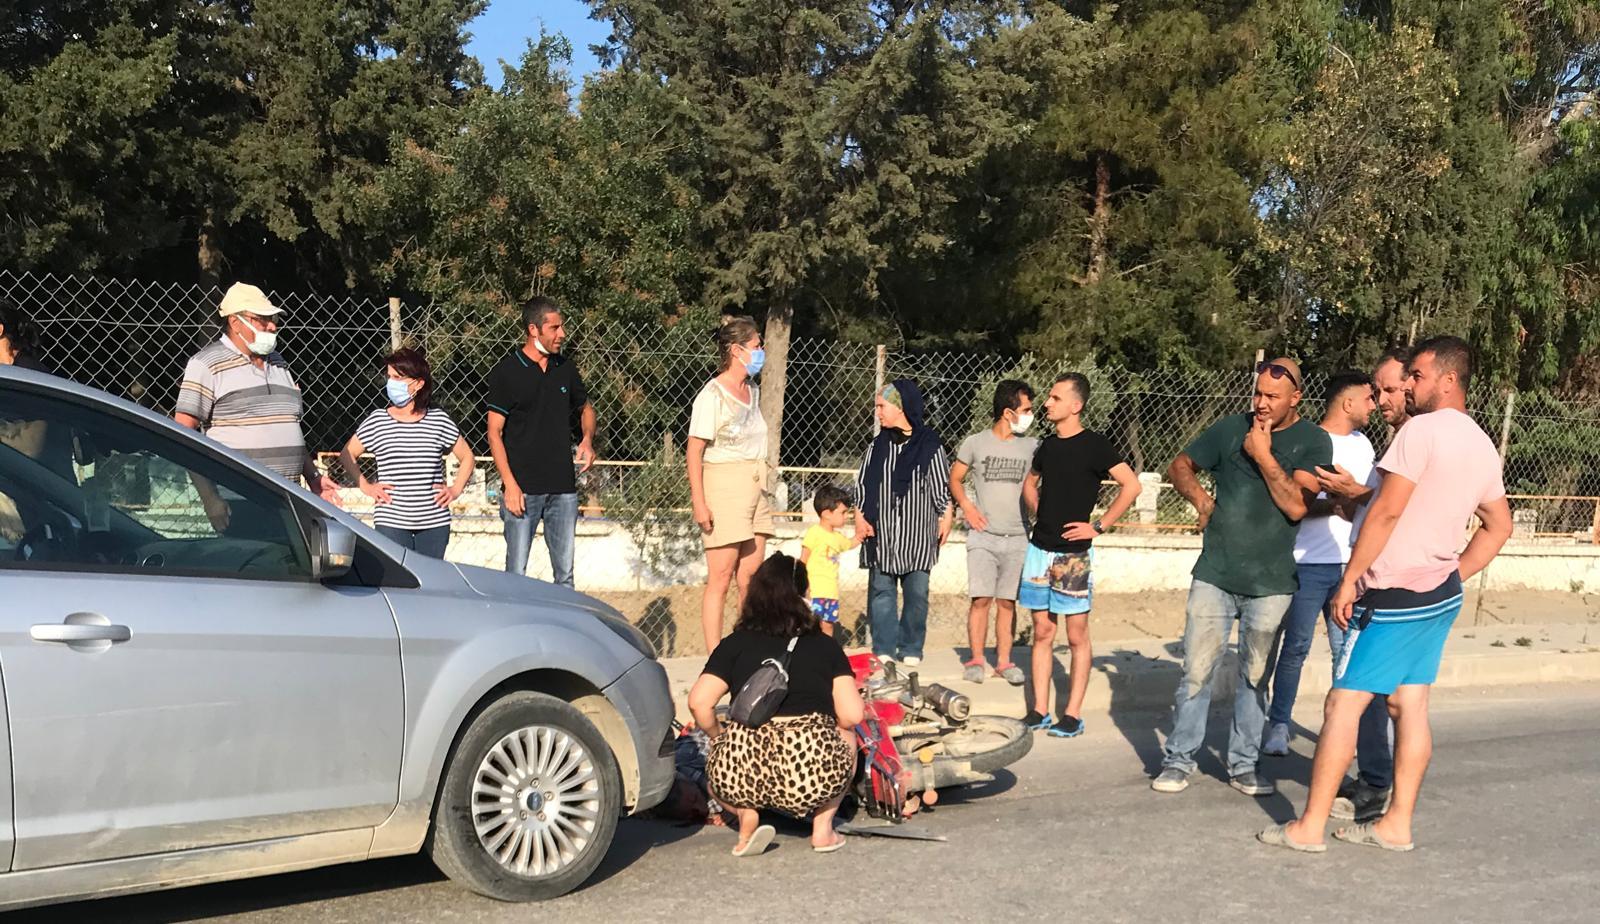 Seferihisar'da ağır yaralanan motosiklet sürücüsü yerde uzun süre ambulans bekledi